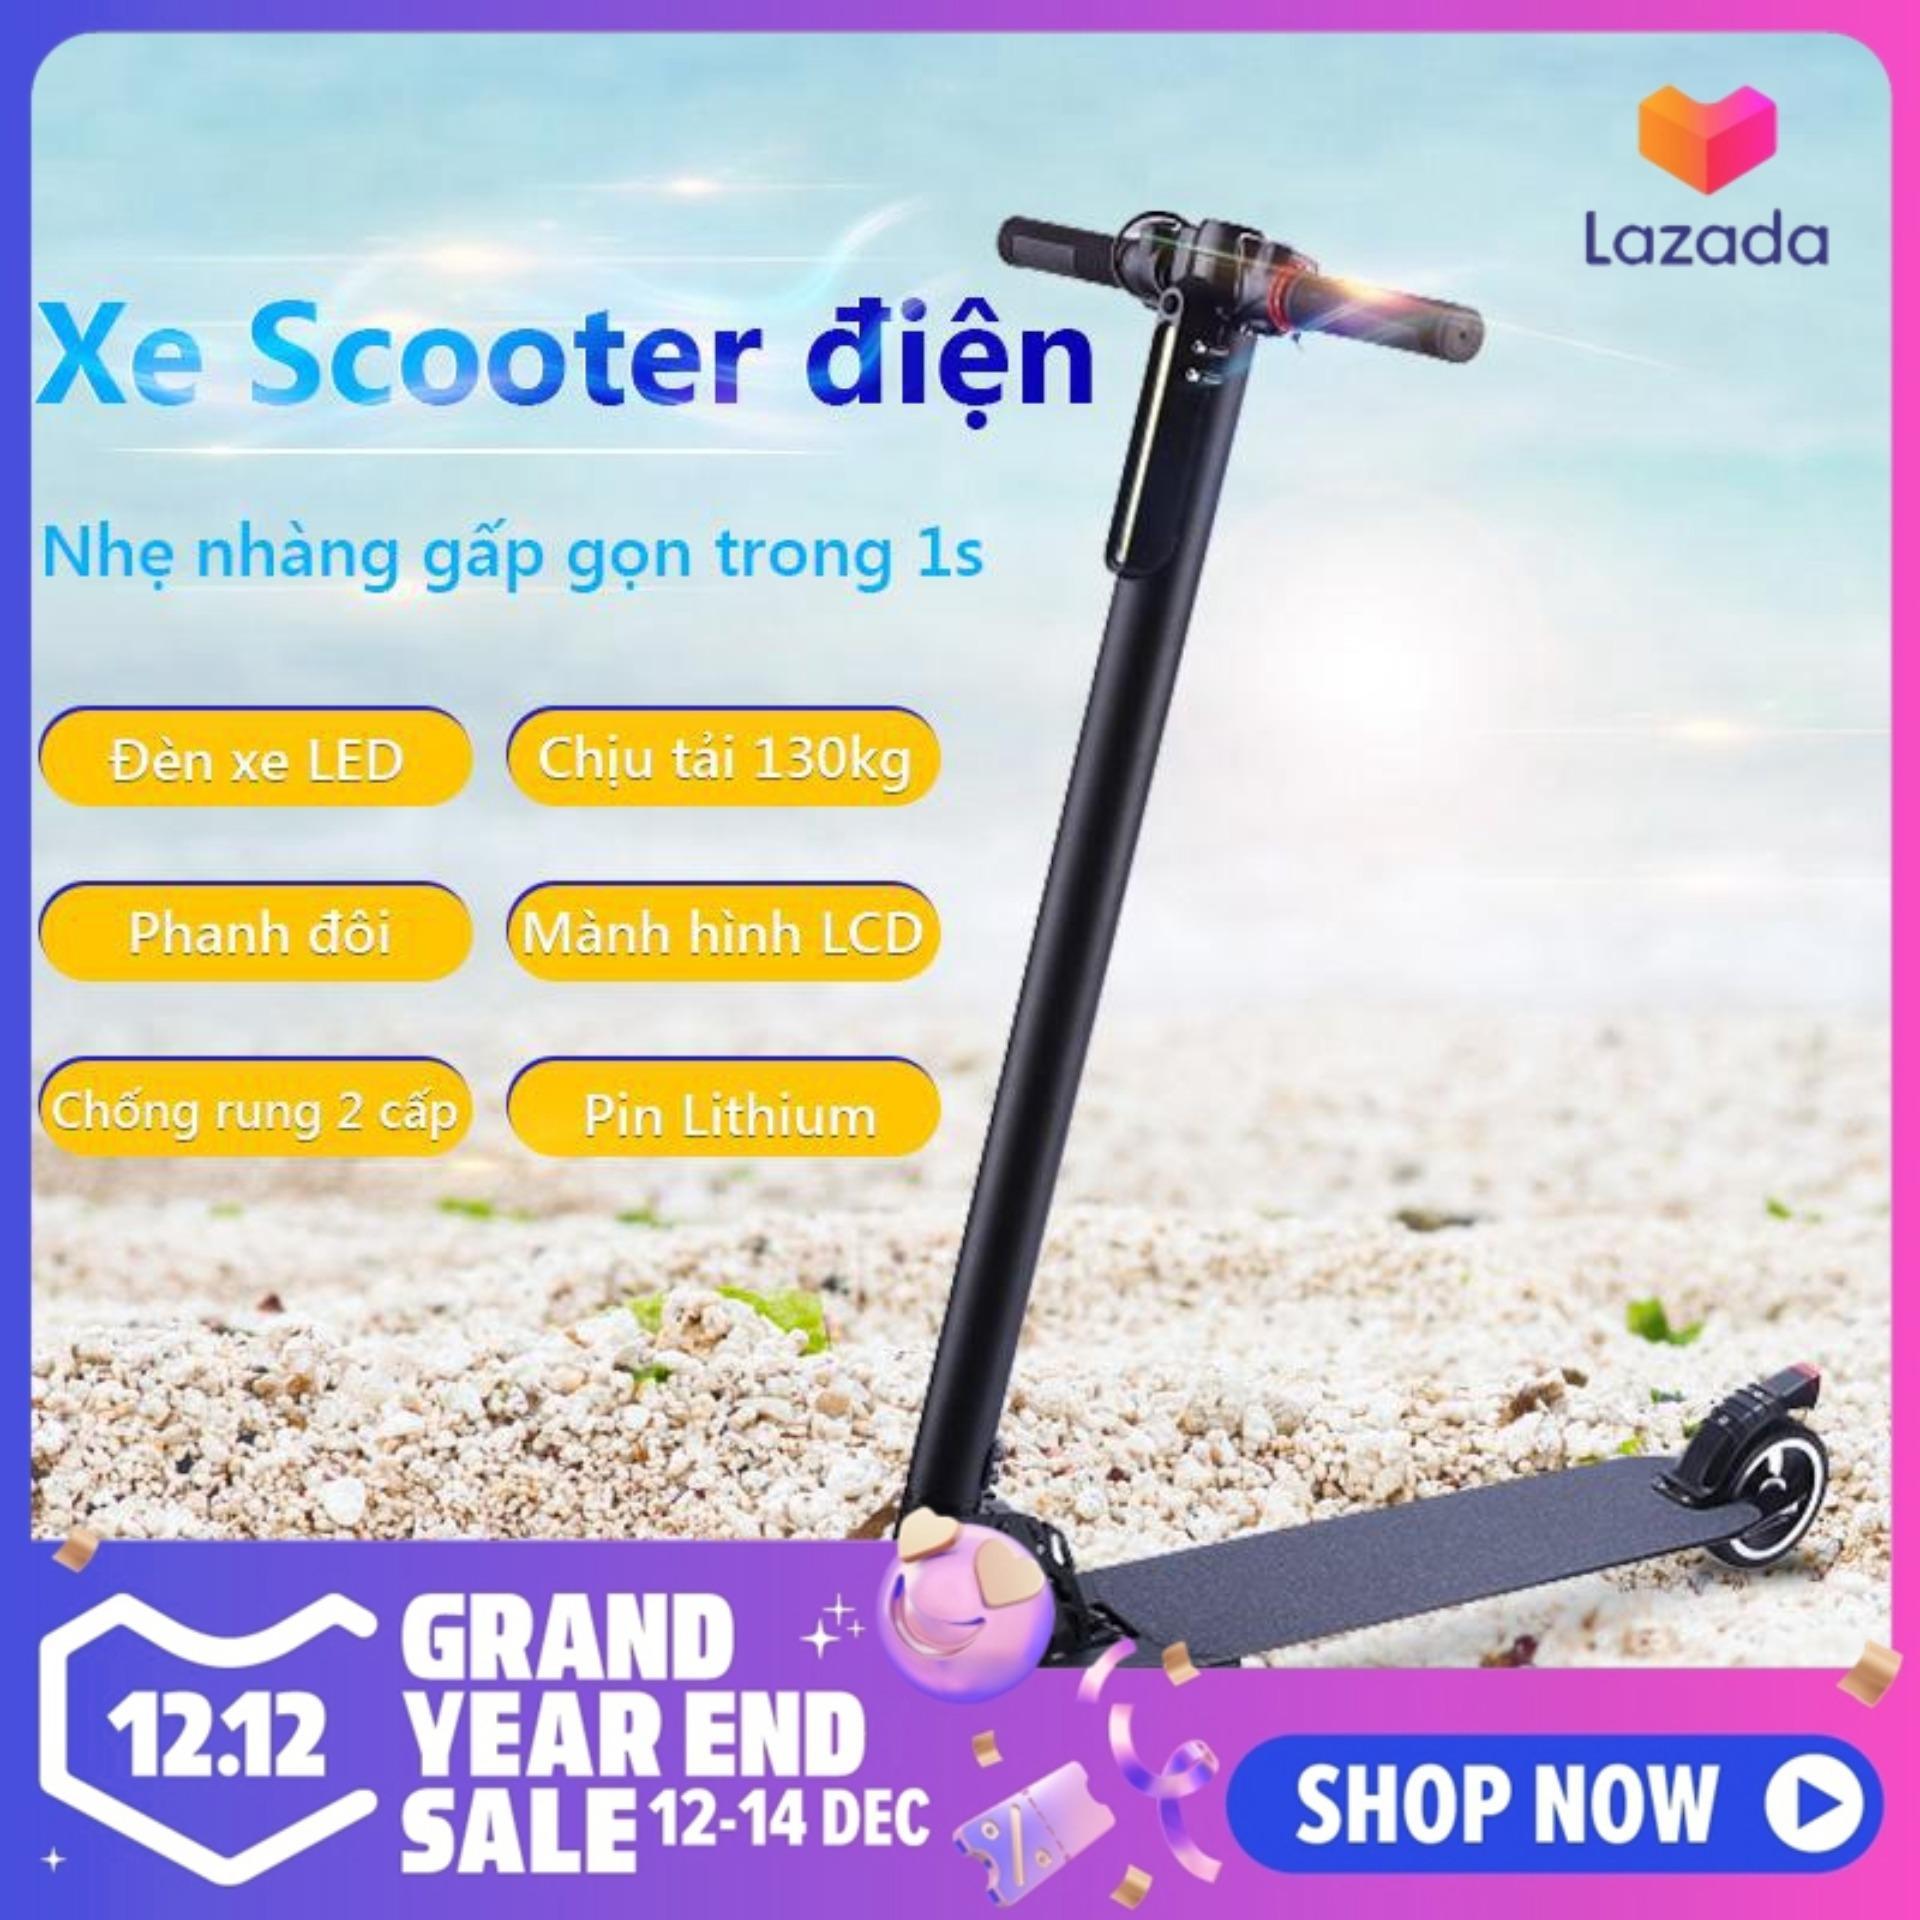 Mua Xe Scooter xe trượt điện mini có thể gấp thanh thiếu niên nam nữ đi làm đi học tiện lợi